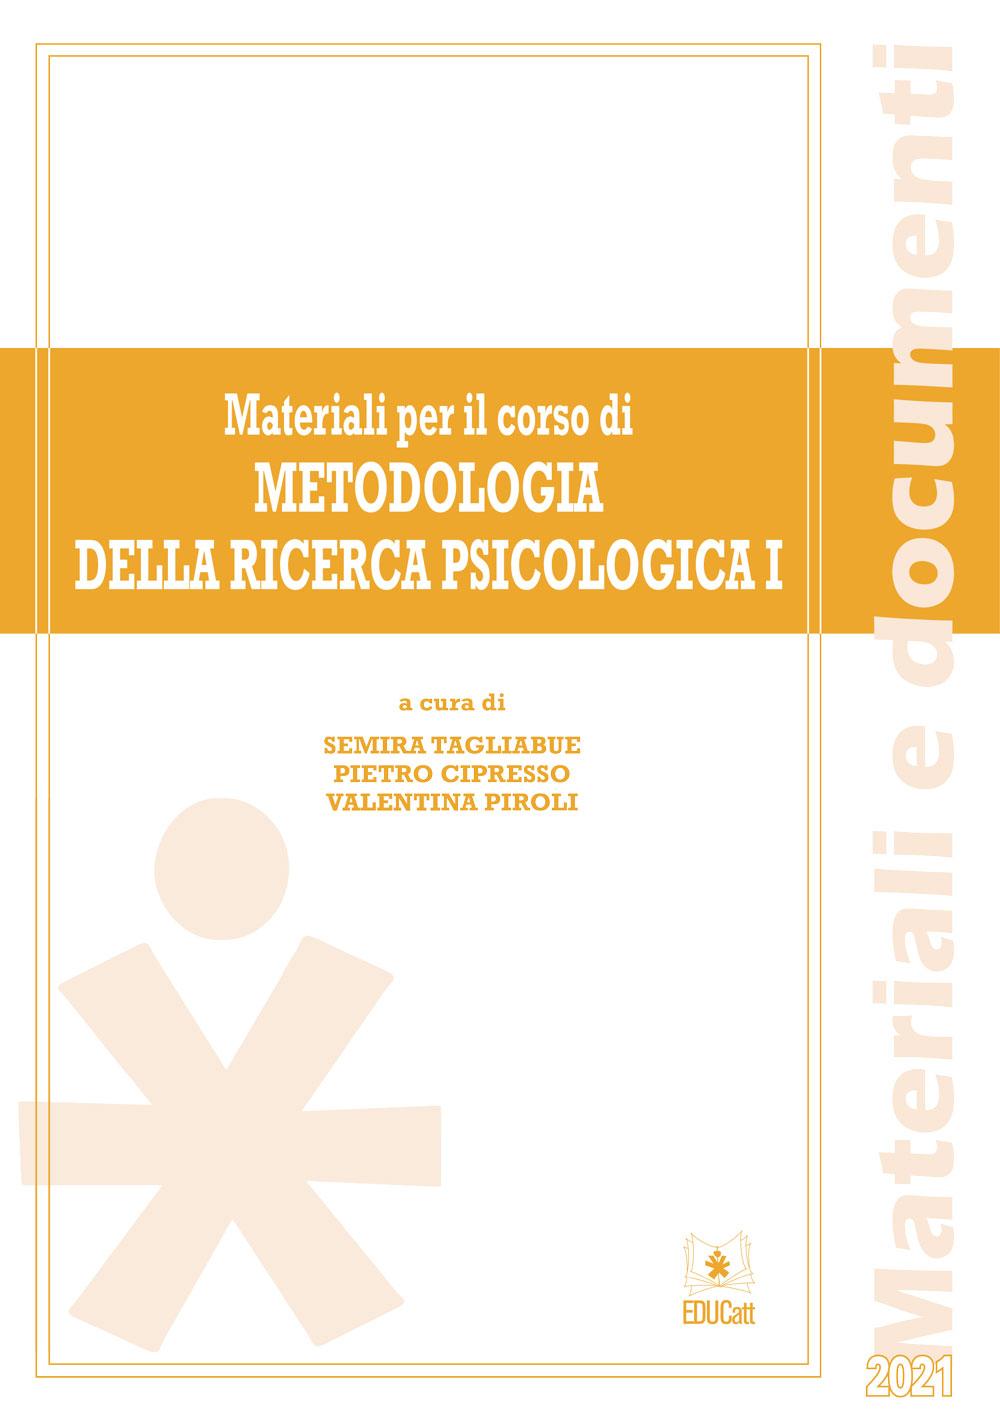 MATERIALI PER IL CORSO DI METODOLOGIA DELLA RICERCA PSICOLOGICA 1